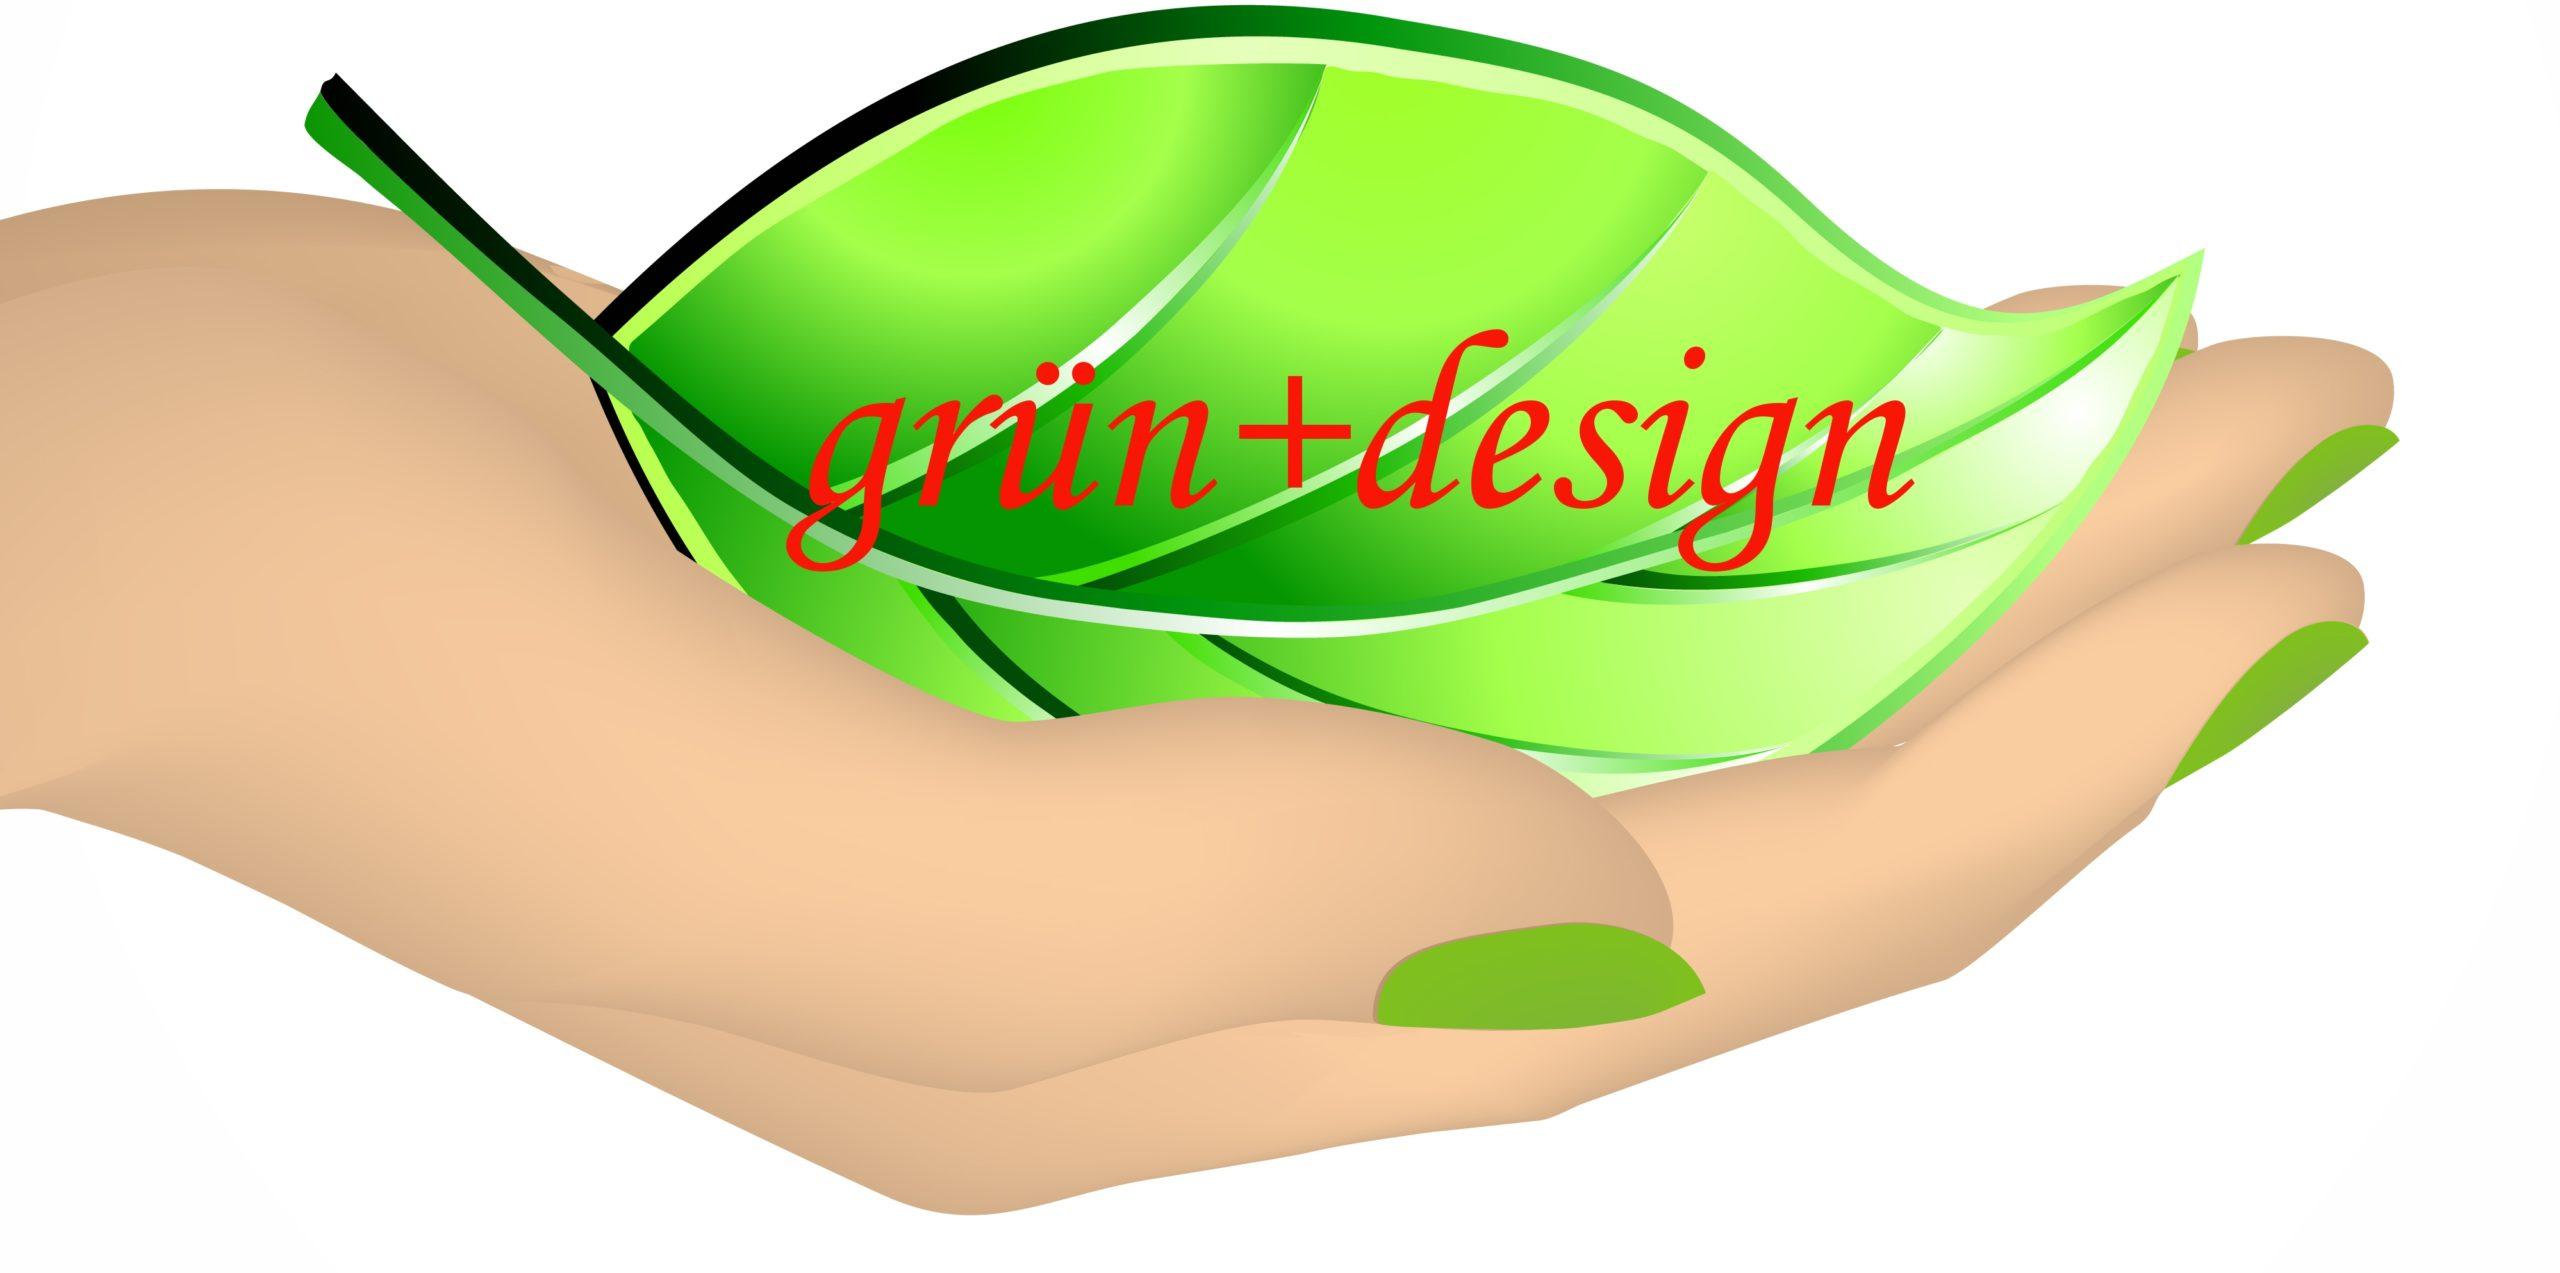 gruen+design